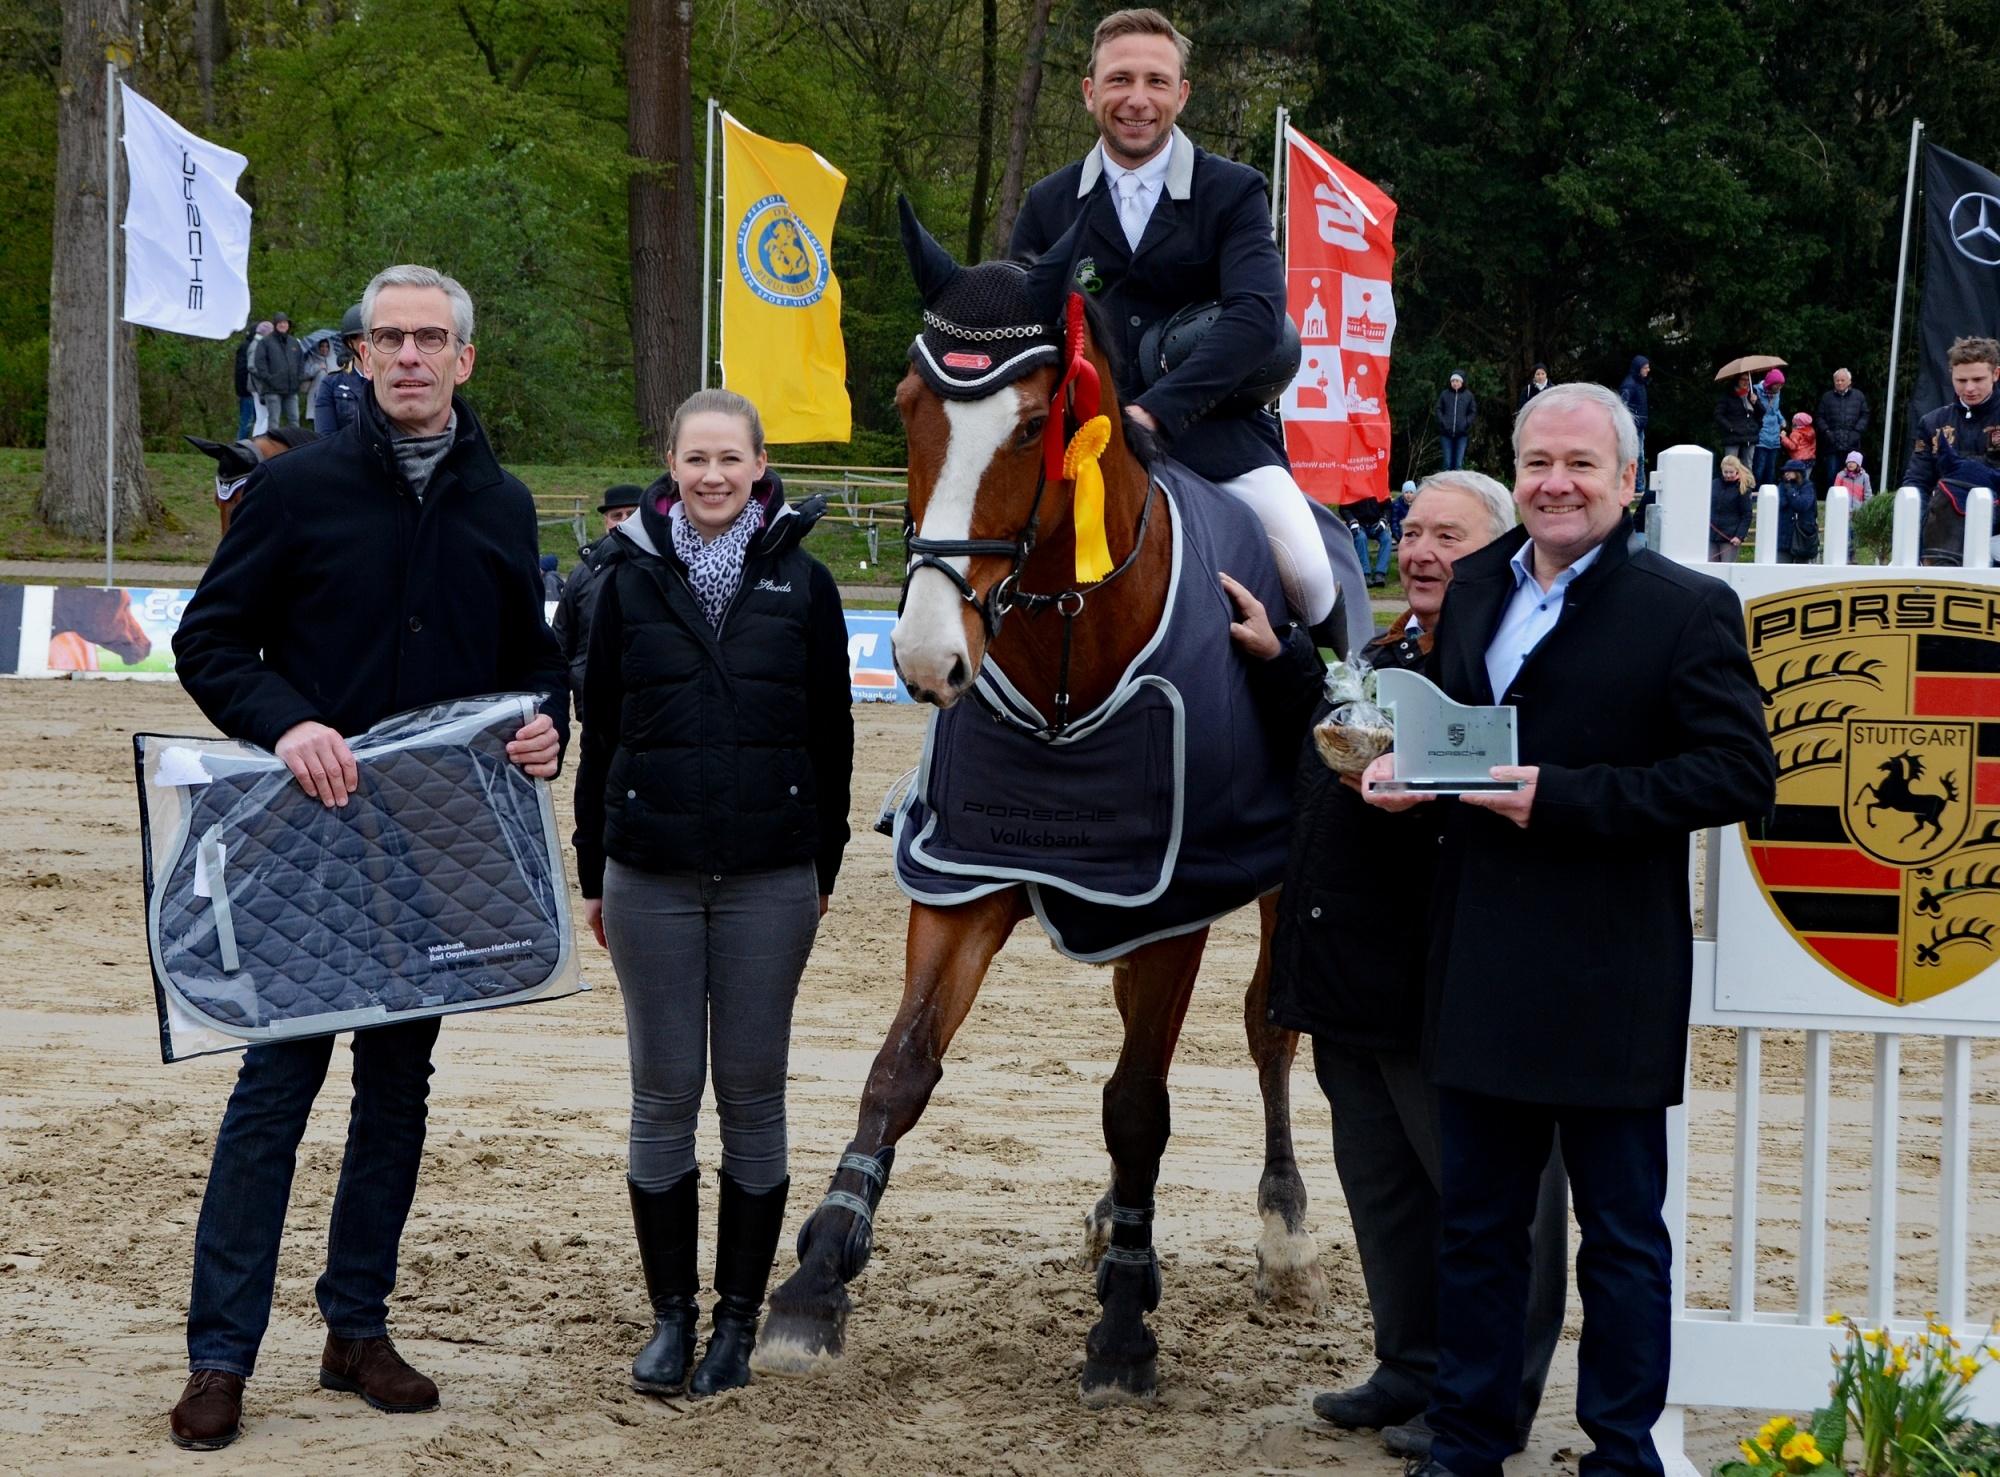 Deutsches Championat der Berufsreiter im Springen 2019: (v.l.) Silbermedaillengewinnerin Sandra Auffarth, Champion Martin Sterzenbach und Bronzemedaillengewinner Michael Kölz.